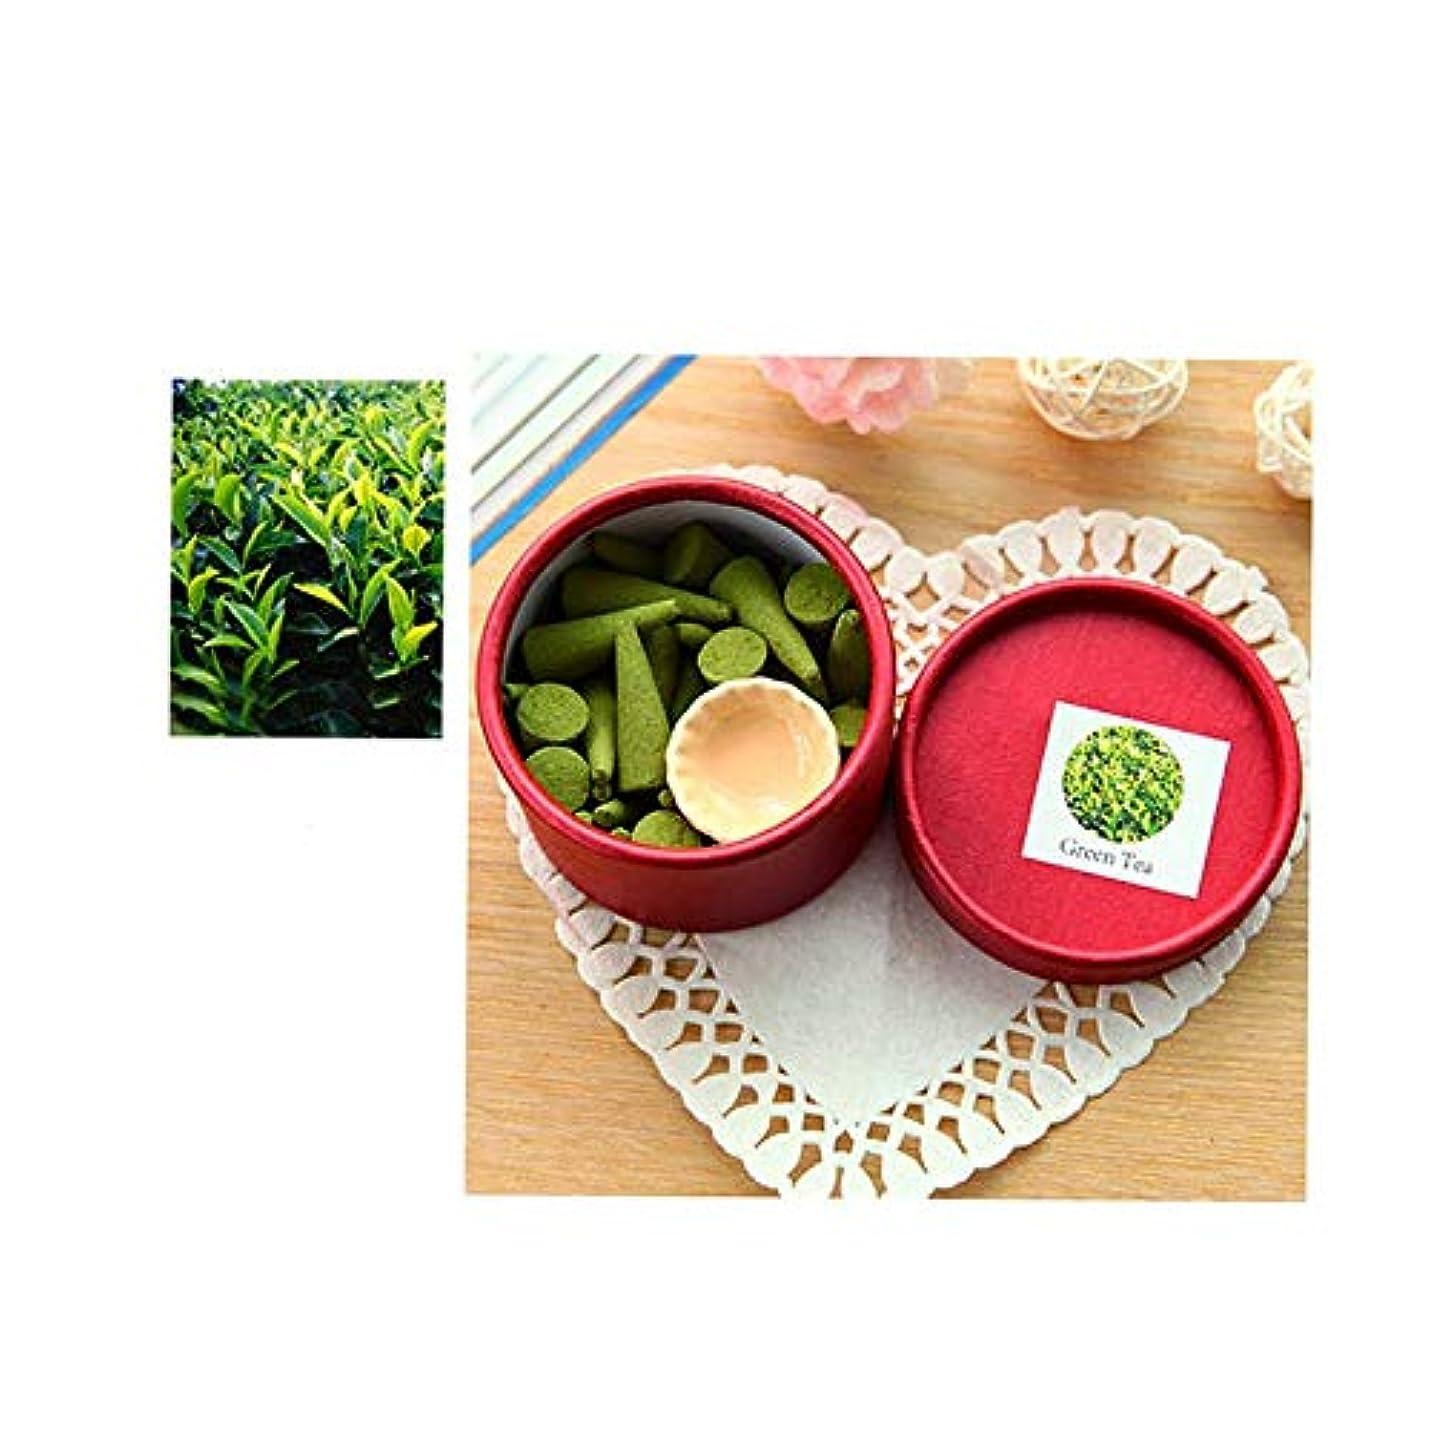 軸臭い打倒普段使いのコーン型パゴダ香茶アロマ家庭用品日常用品ファミリー身近な品